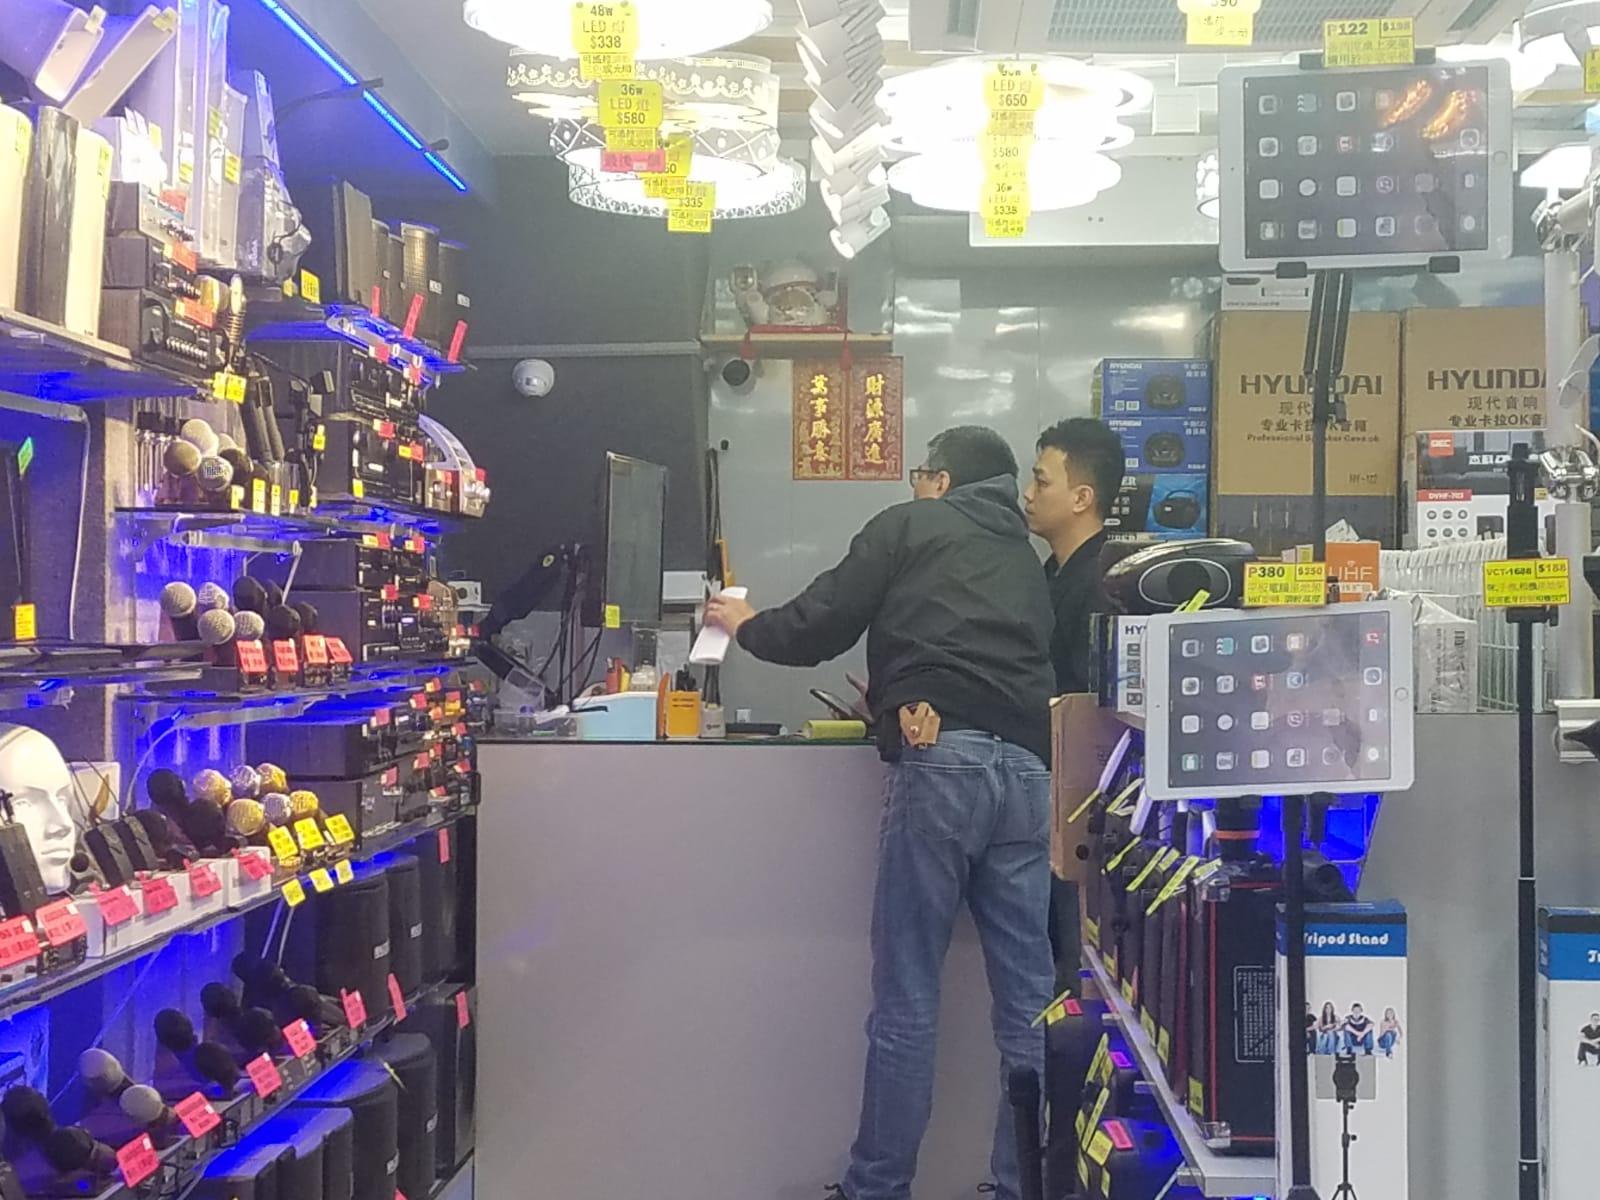 探員在案發現場附近查閱其他店鋪的閉路電視。